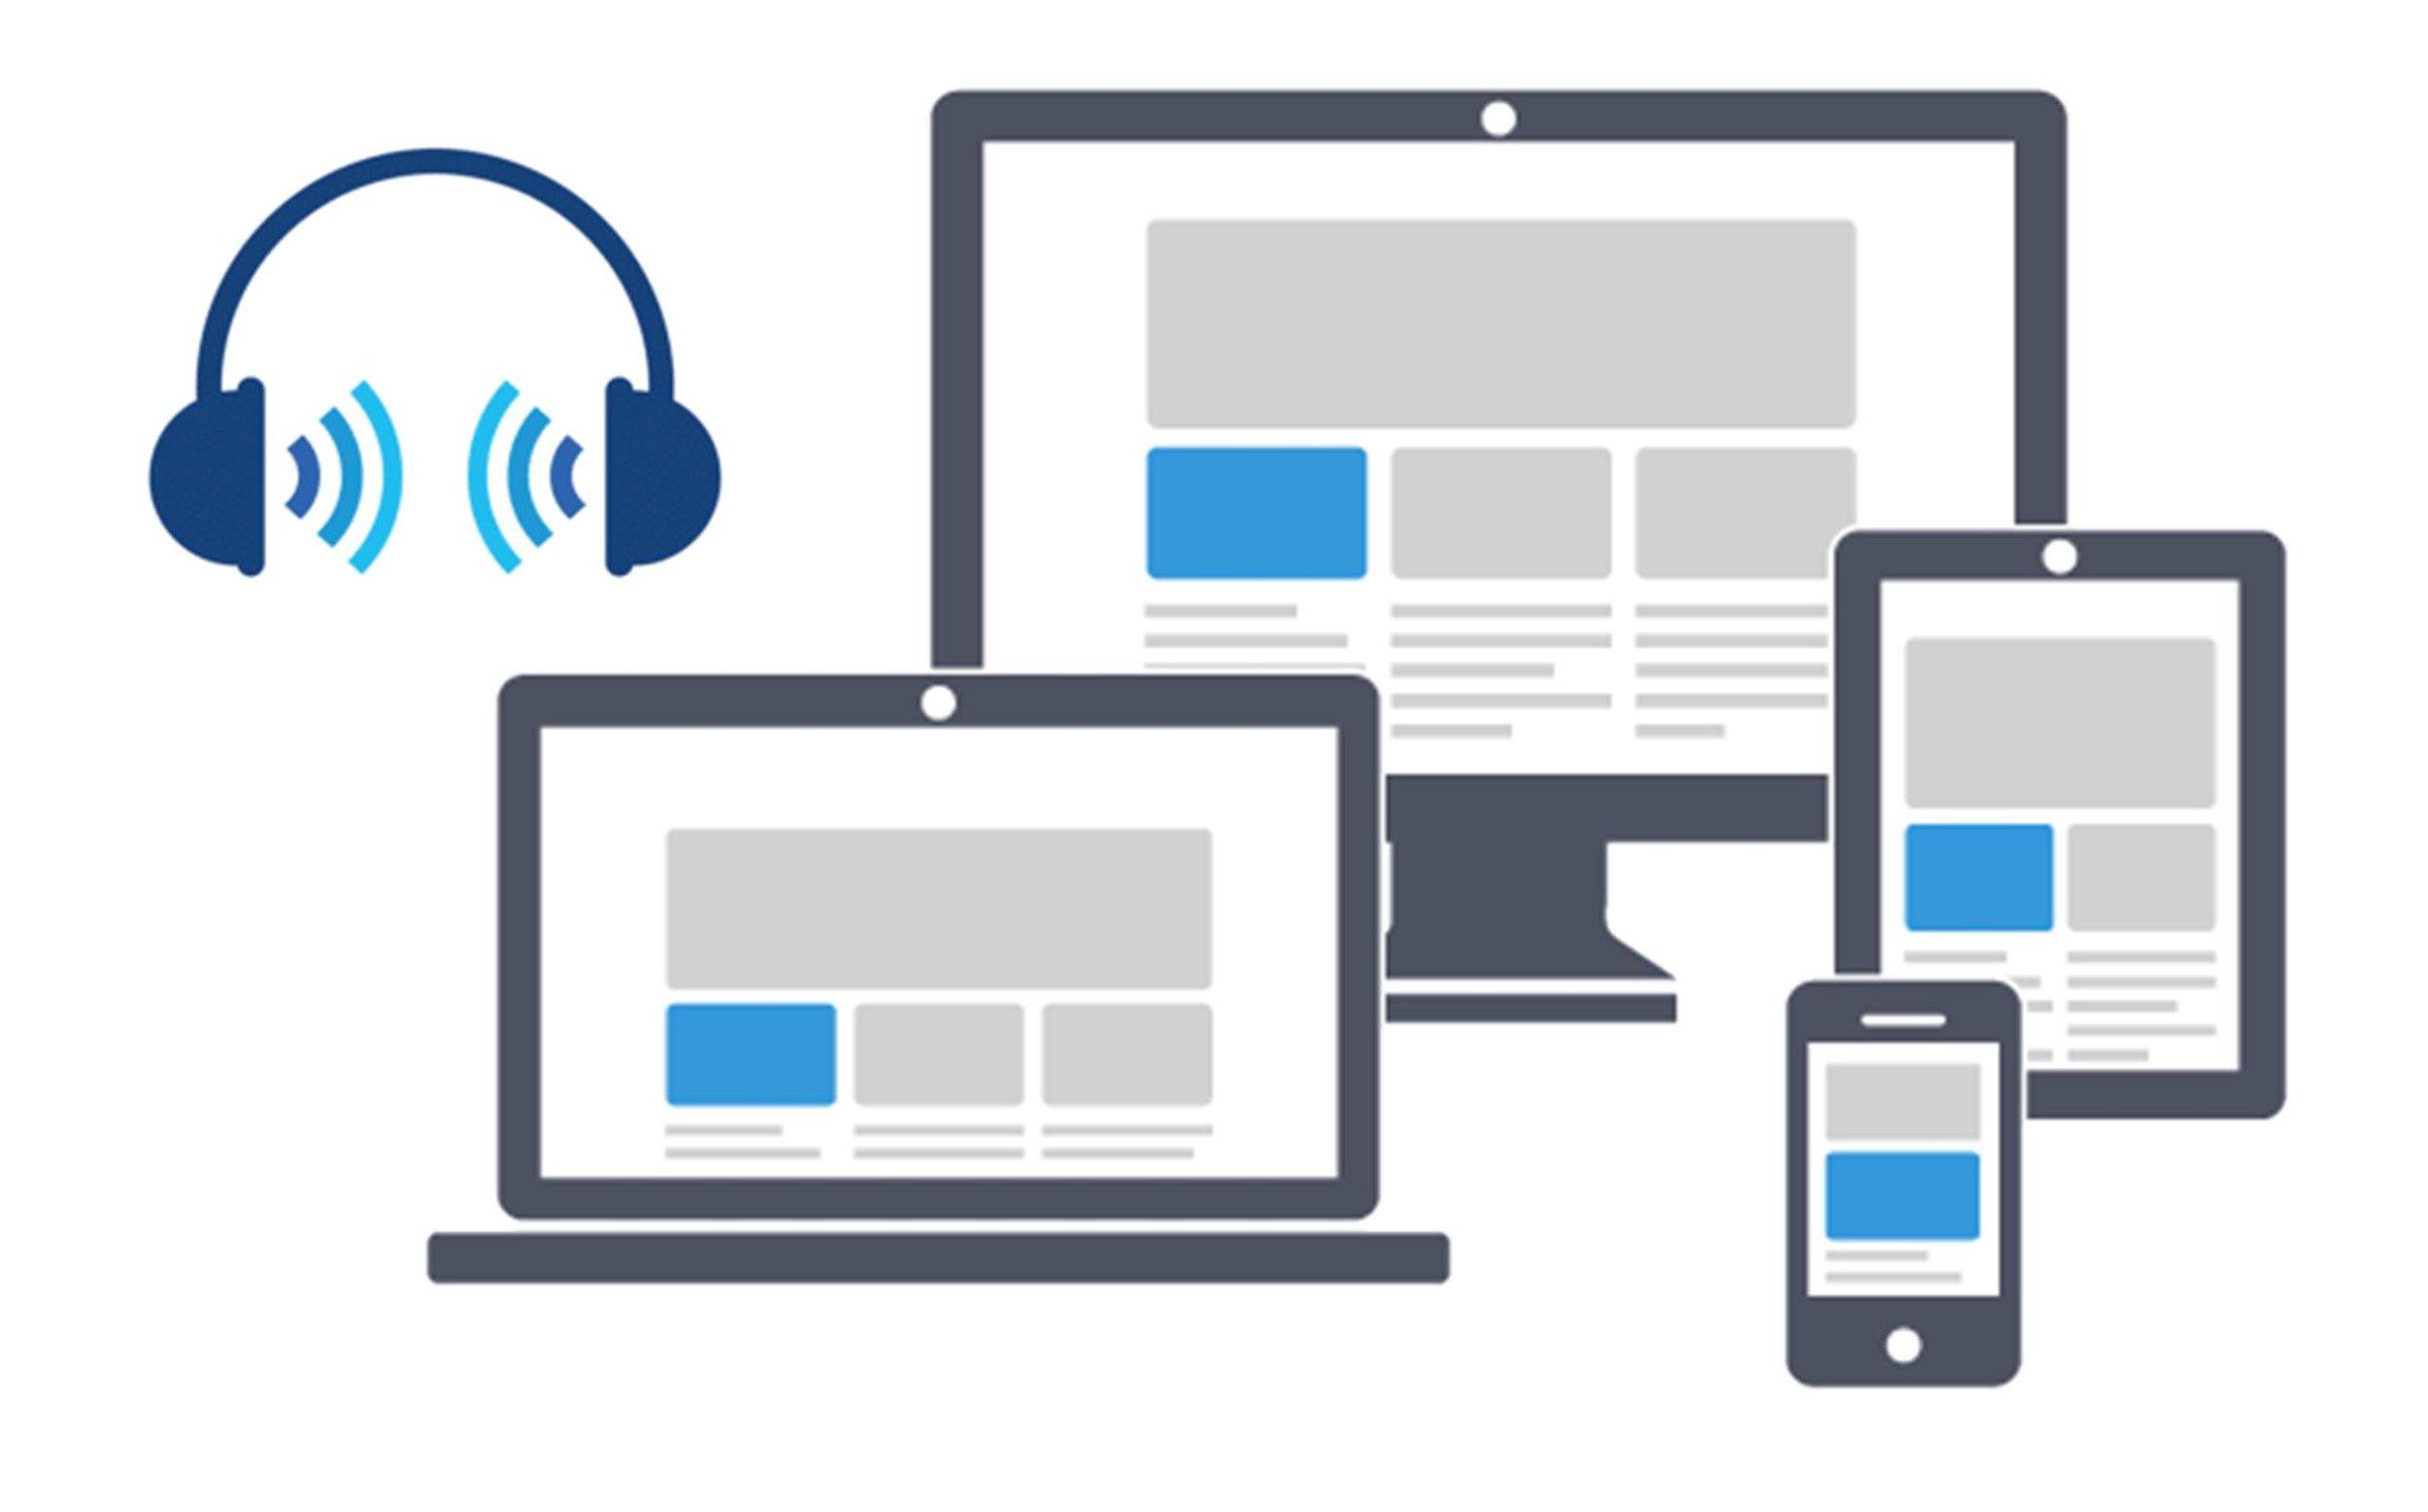 media-listening-devices2.jpg